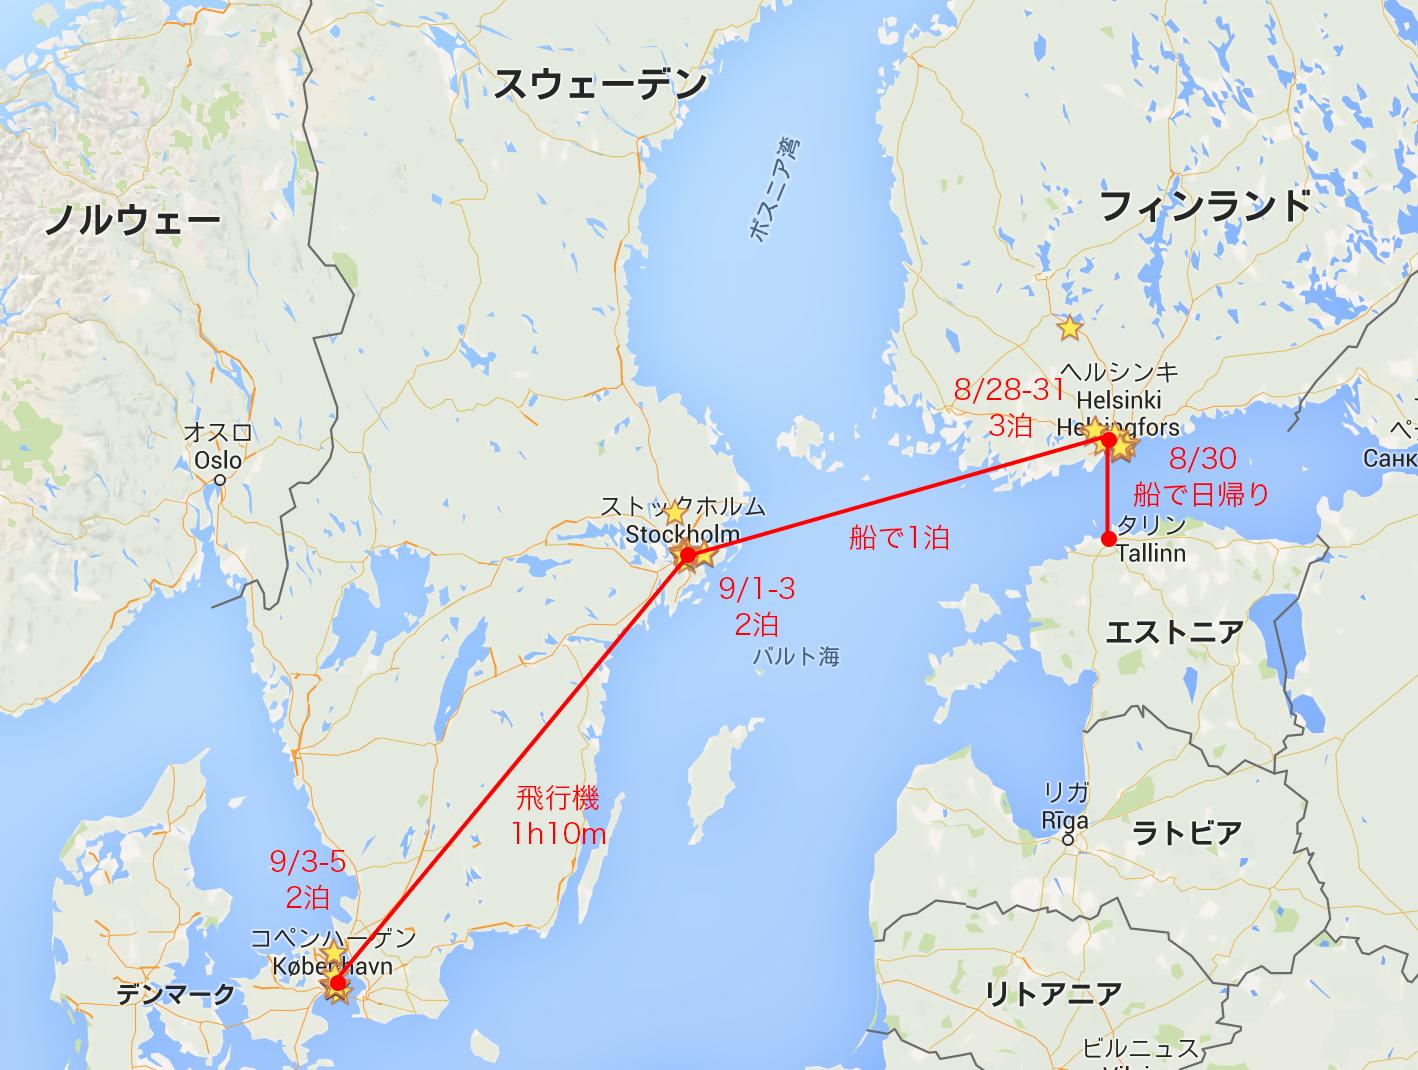 北欧周遊の旅2015ー手配メモ・交通